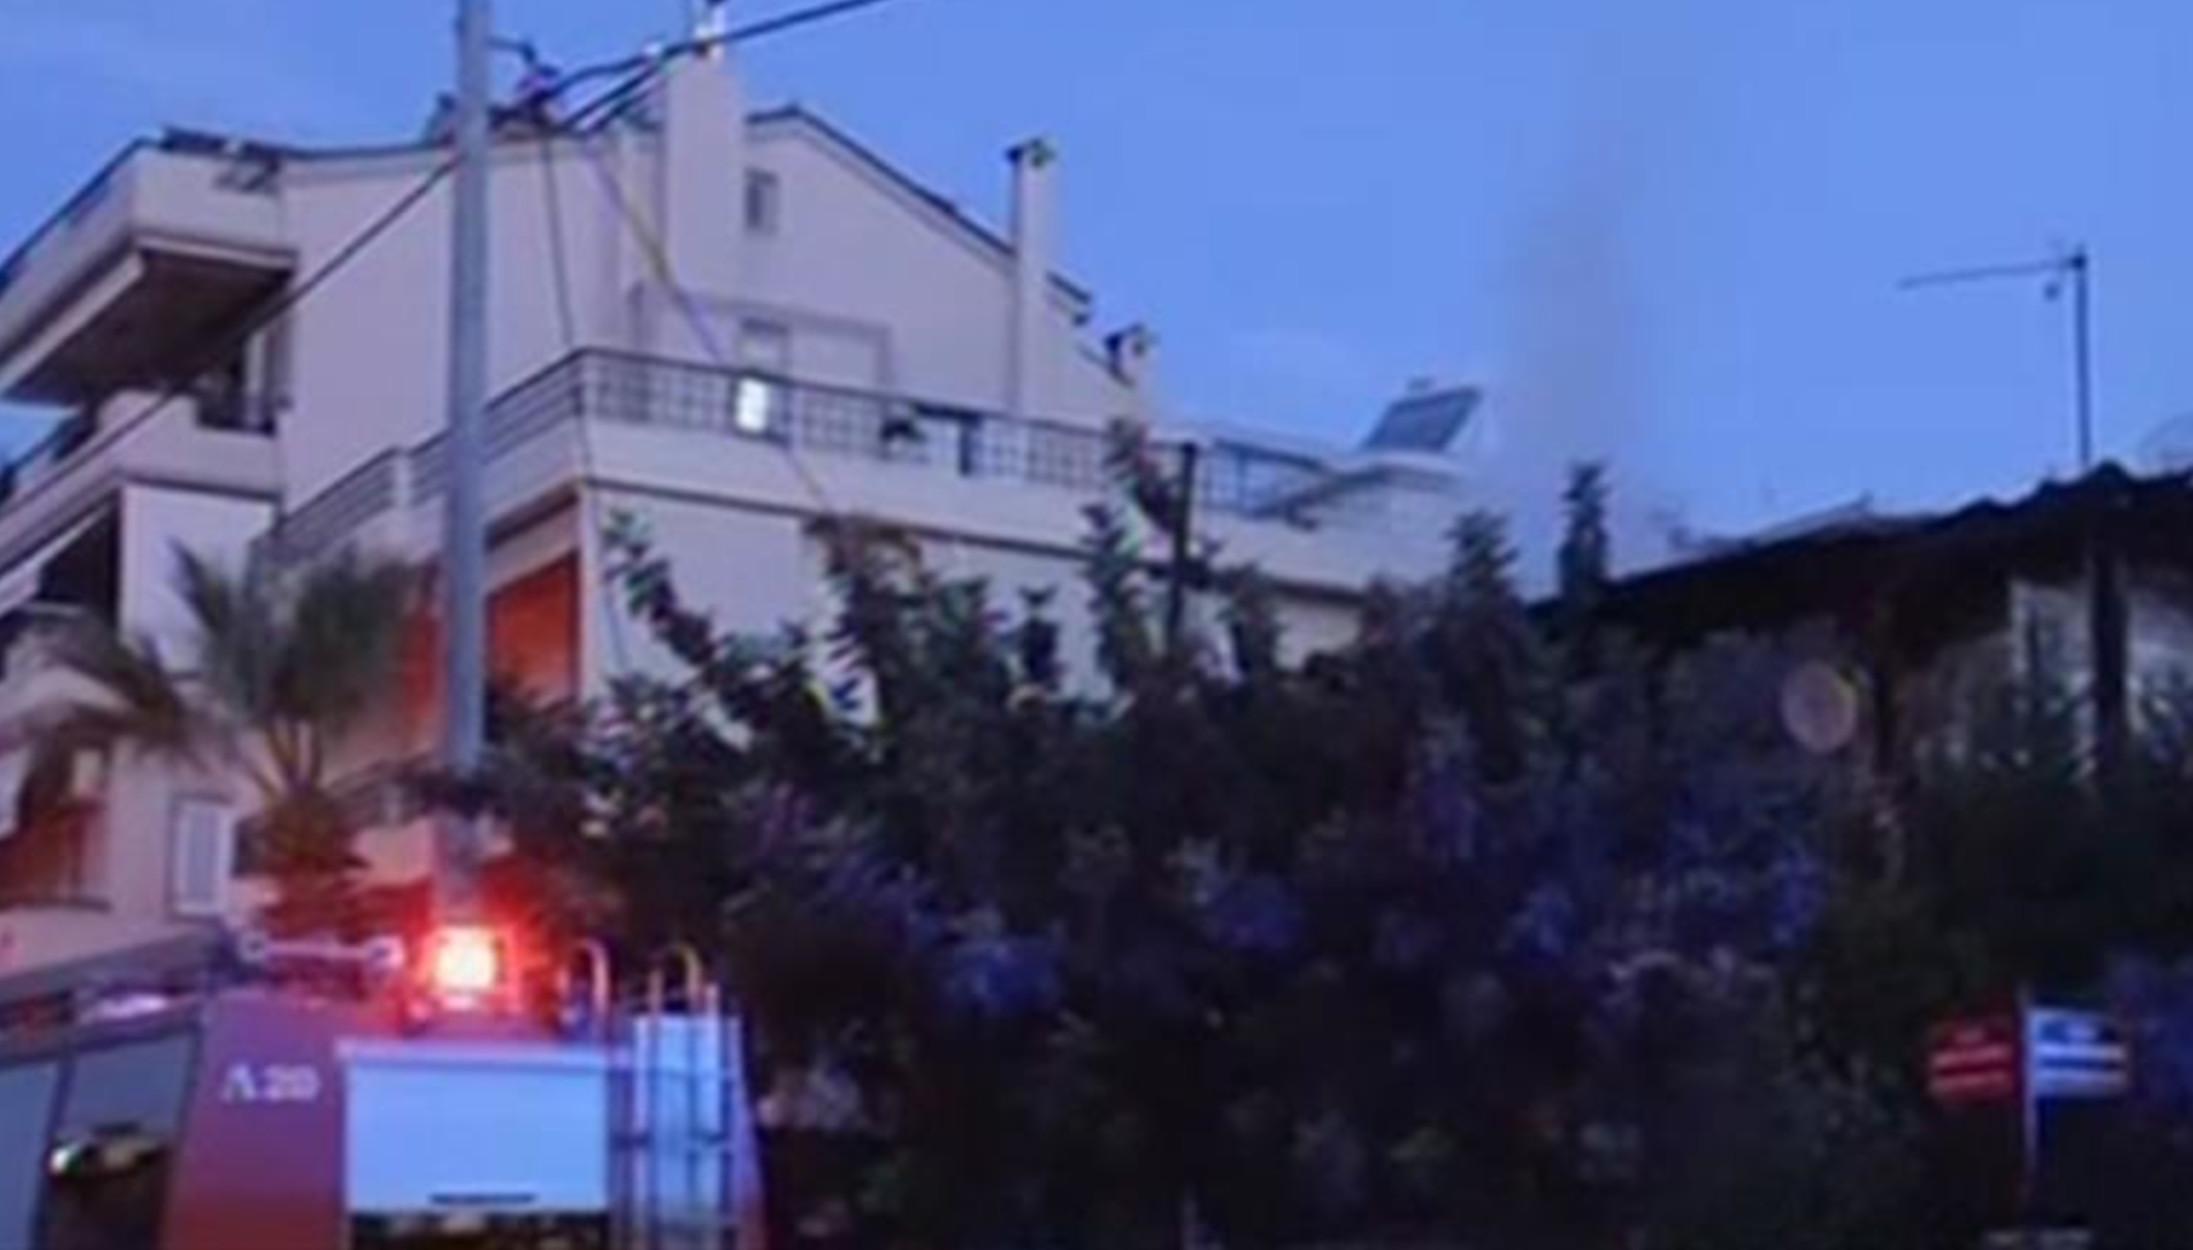 Φωτιά στην Μεταμόρφωση: Τι δηλώνει ο γιος του ηλικιωμένου που κάηκε ζωντανός